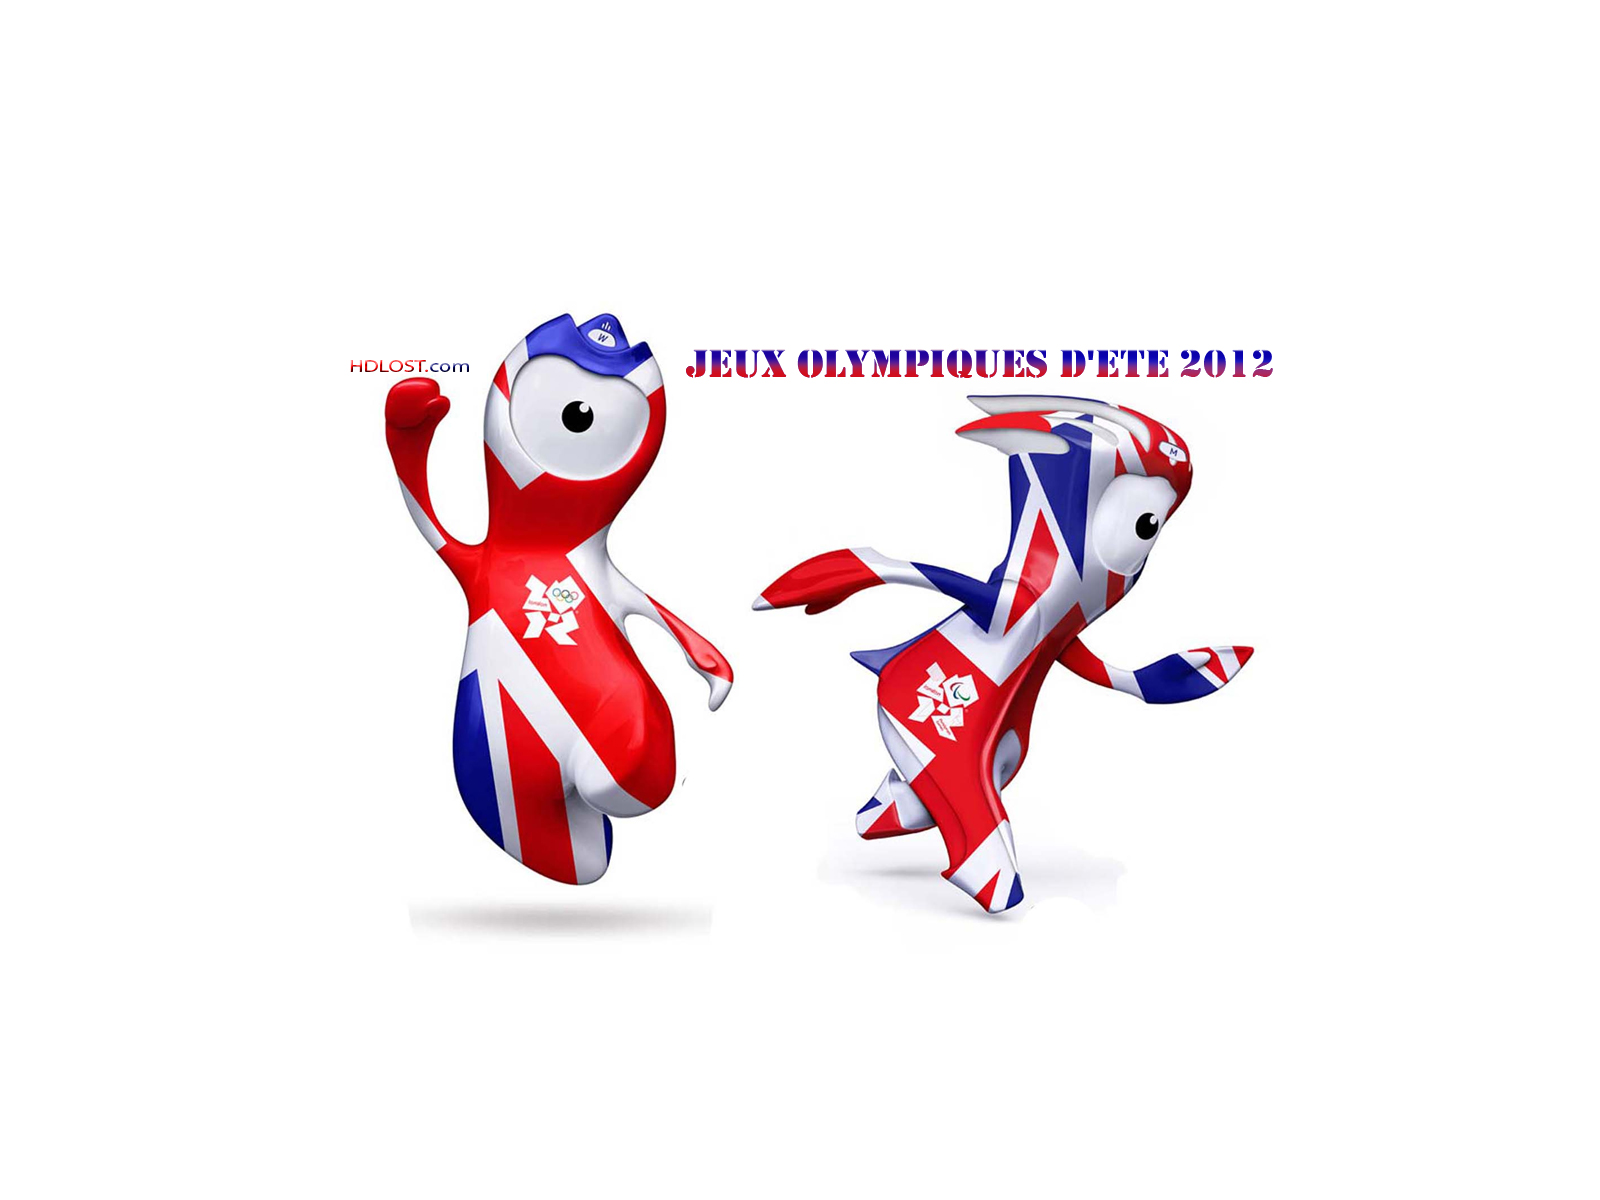 http://2.bp.blogspot.com/-9Z-mFDCRvMc/T4dhBdnSXHI/AAAAAAAABto/sEkBZbE0d54/s1600/Wenlock-et-Mandeville-sont-les-mascottes-officielles,-la-premi%C3%A8re-pour-les-Jeux-olympiques-d\'%C3%A9t%C3%A9-de-2012.jpg